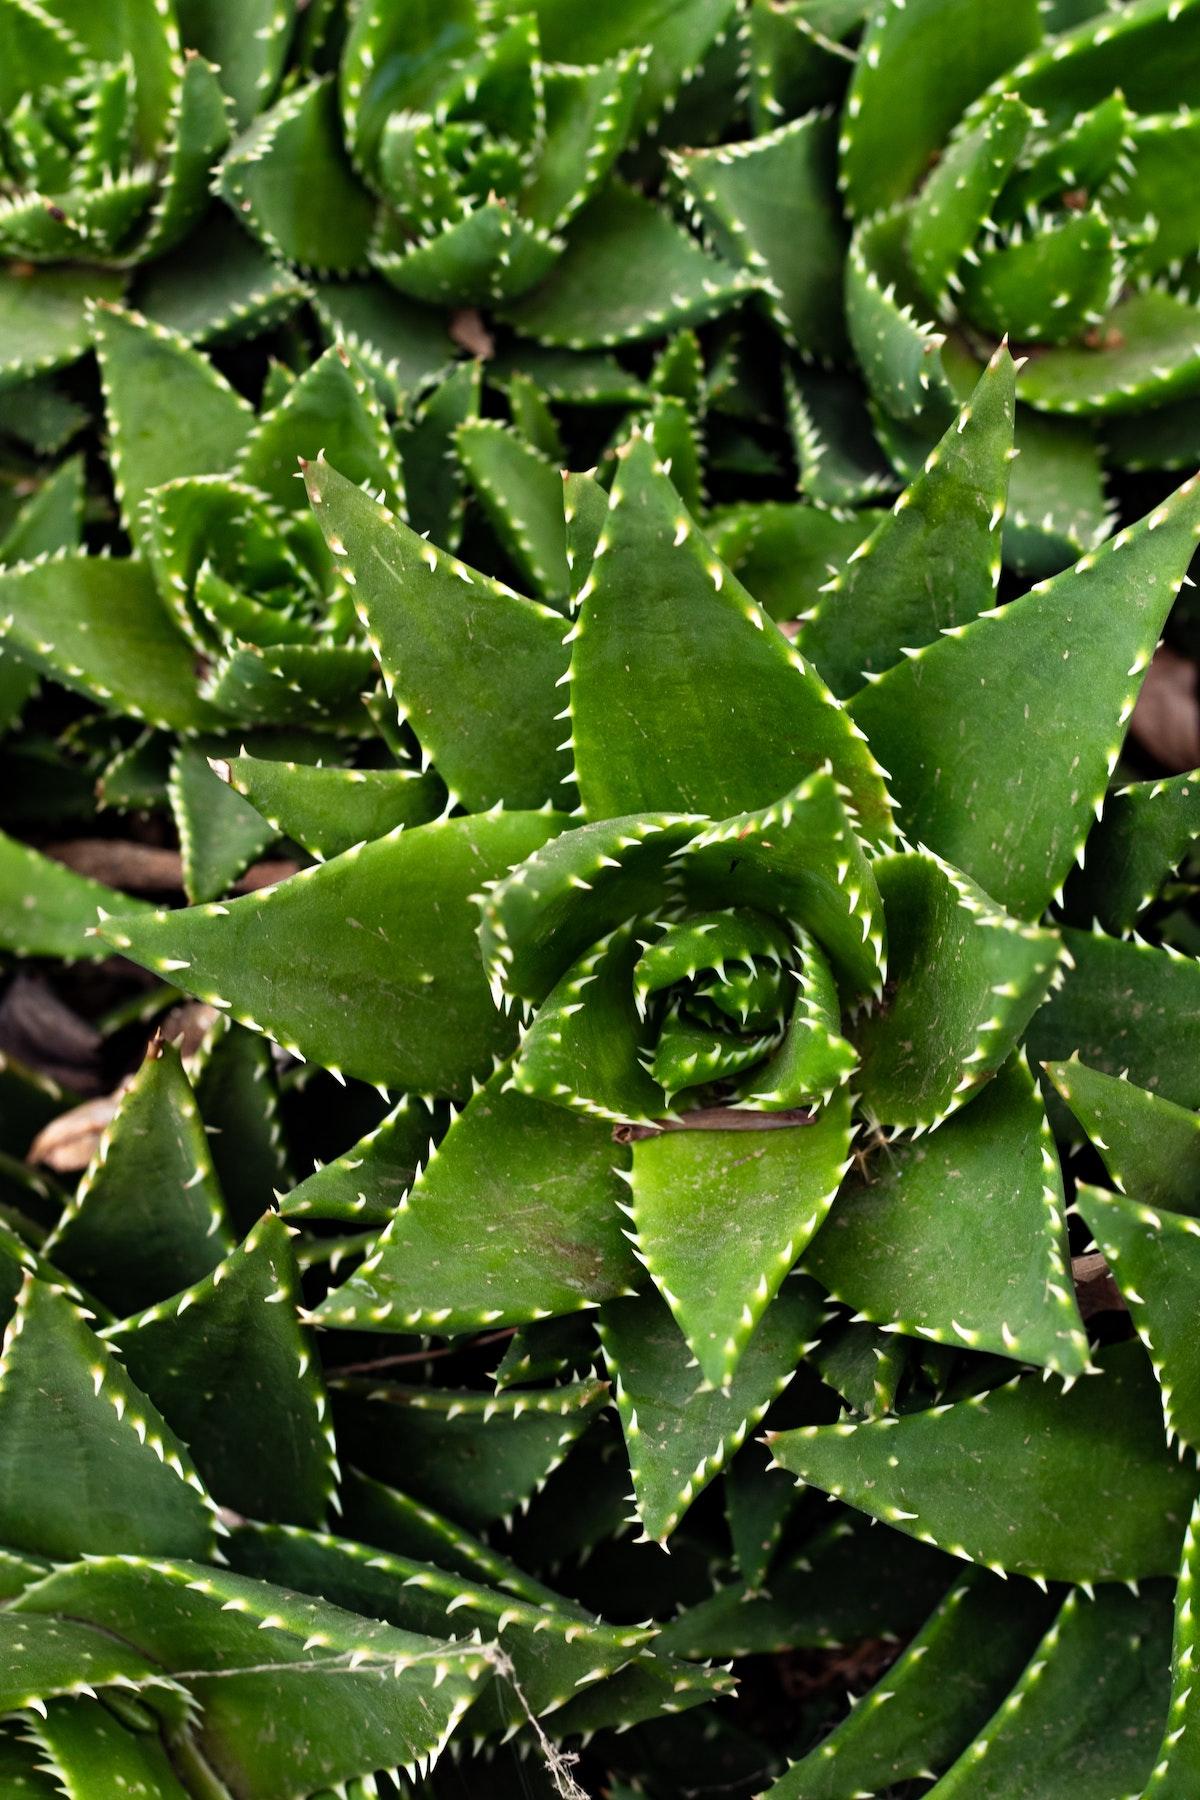 plante exotique aloe vera propriétés soin corps cheveux